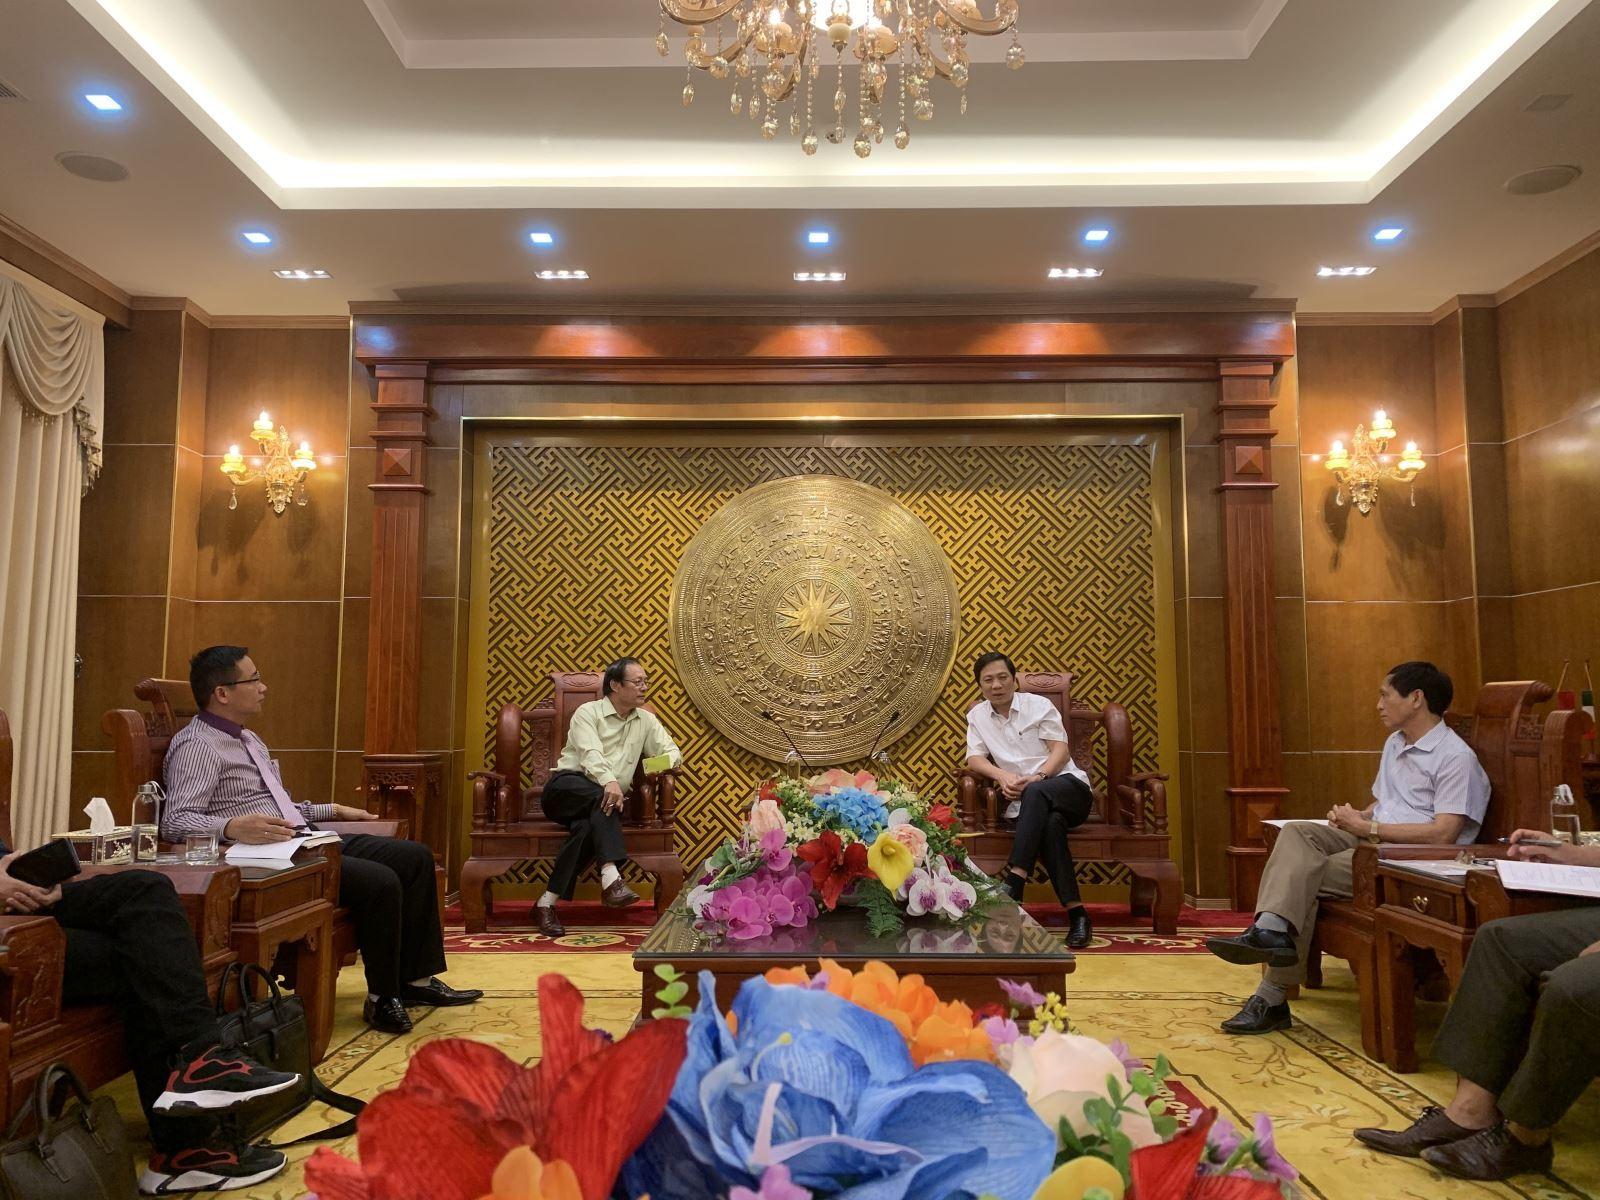 Phó Chủ tịch UBND tỉnh Hoàng Nam khẳng định Quảng Trị sẽ nỗ lực để phát triển văn hoá ẩm thực của địa phương